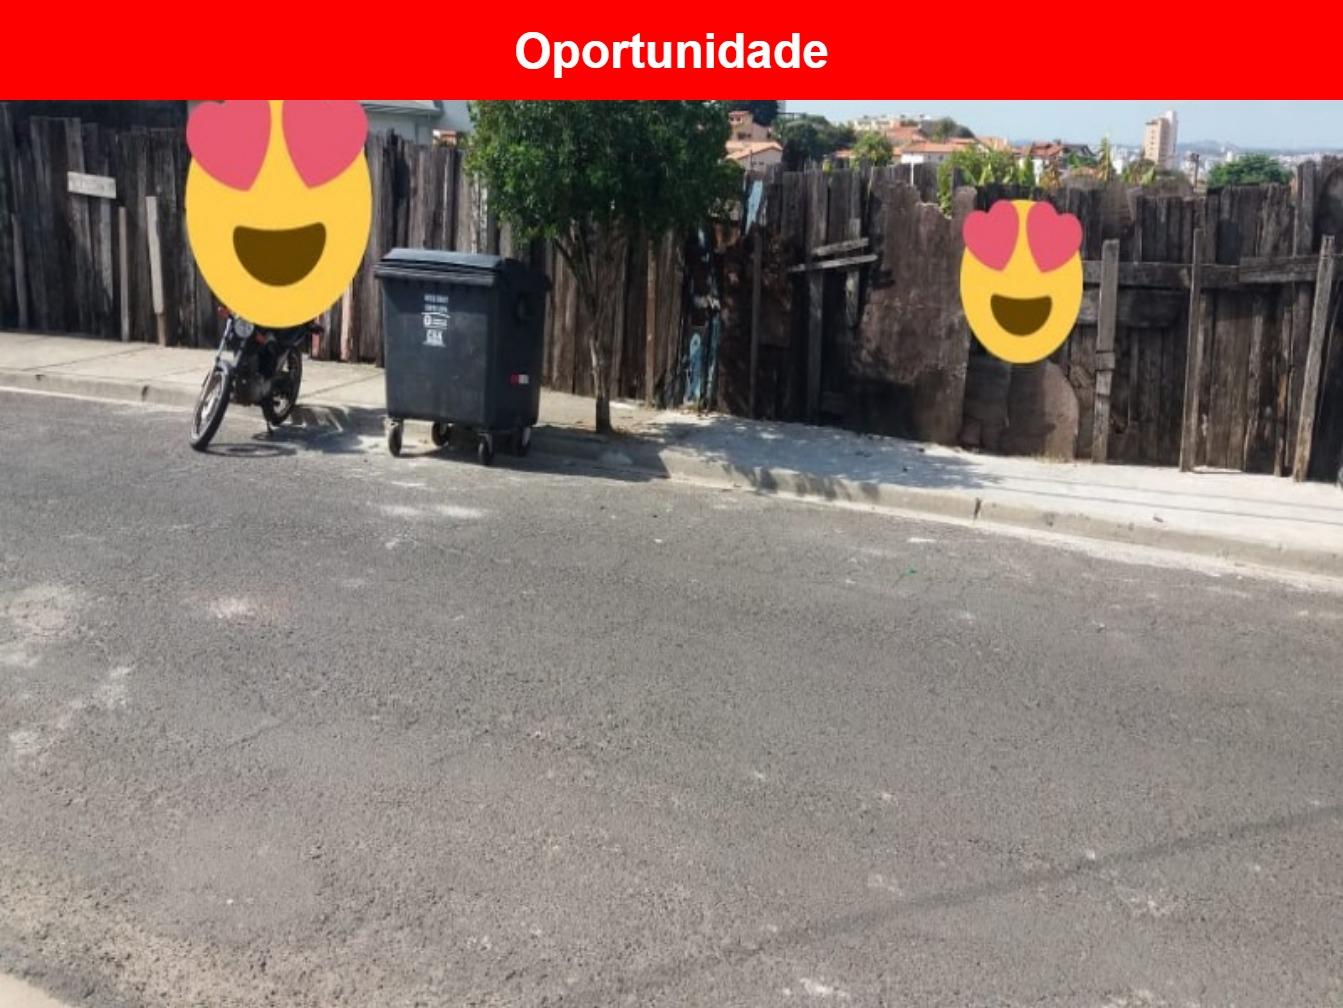 Terreno a venda no VILA BARÃO, Sorocaba - SP